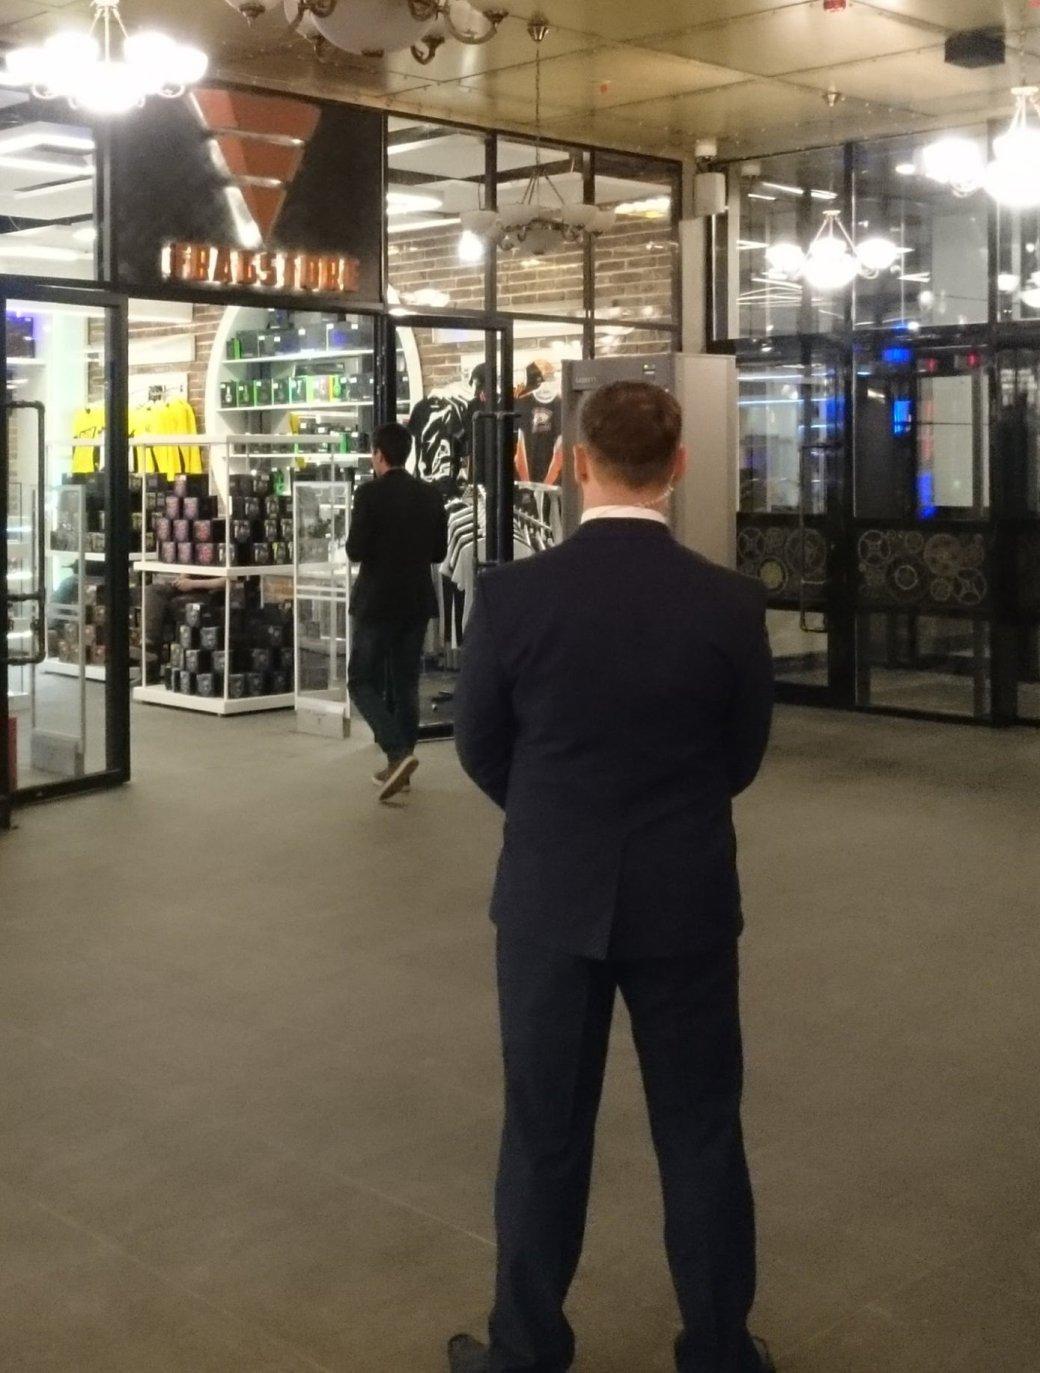 Киберспорт для элиты: Yota-арена вМоскве оказалась слишком шикарной. - Изображение 2